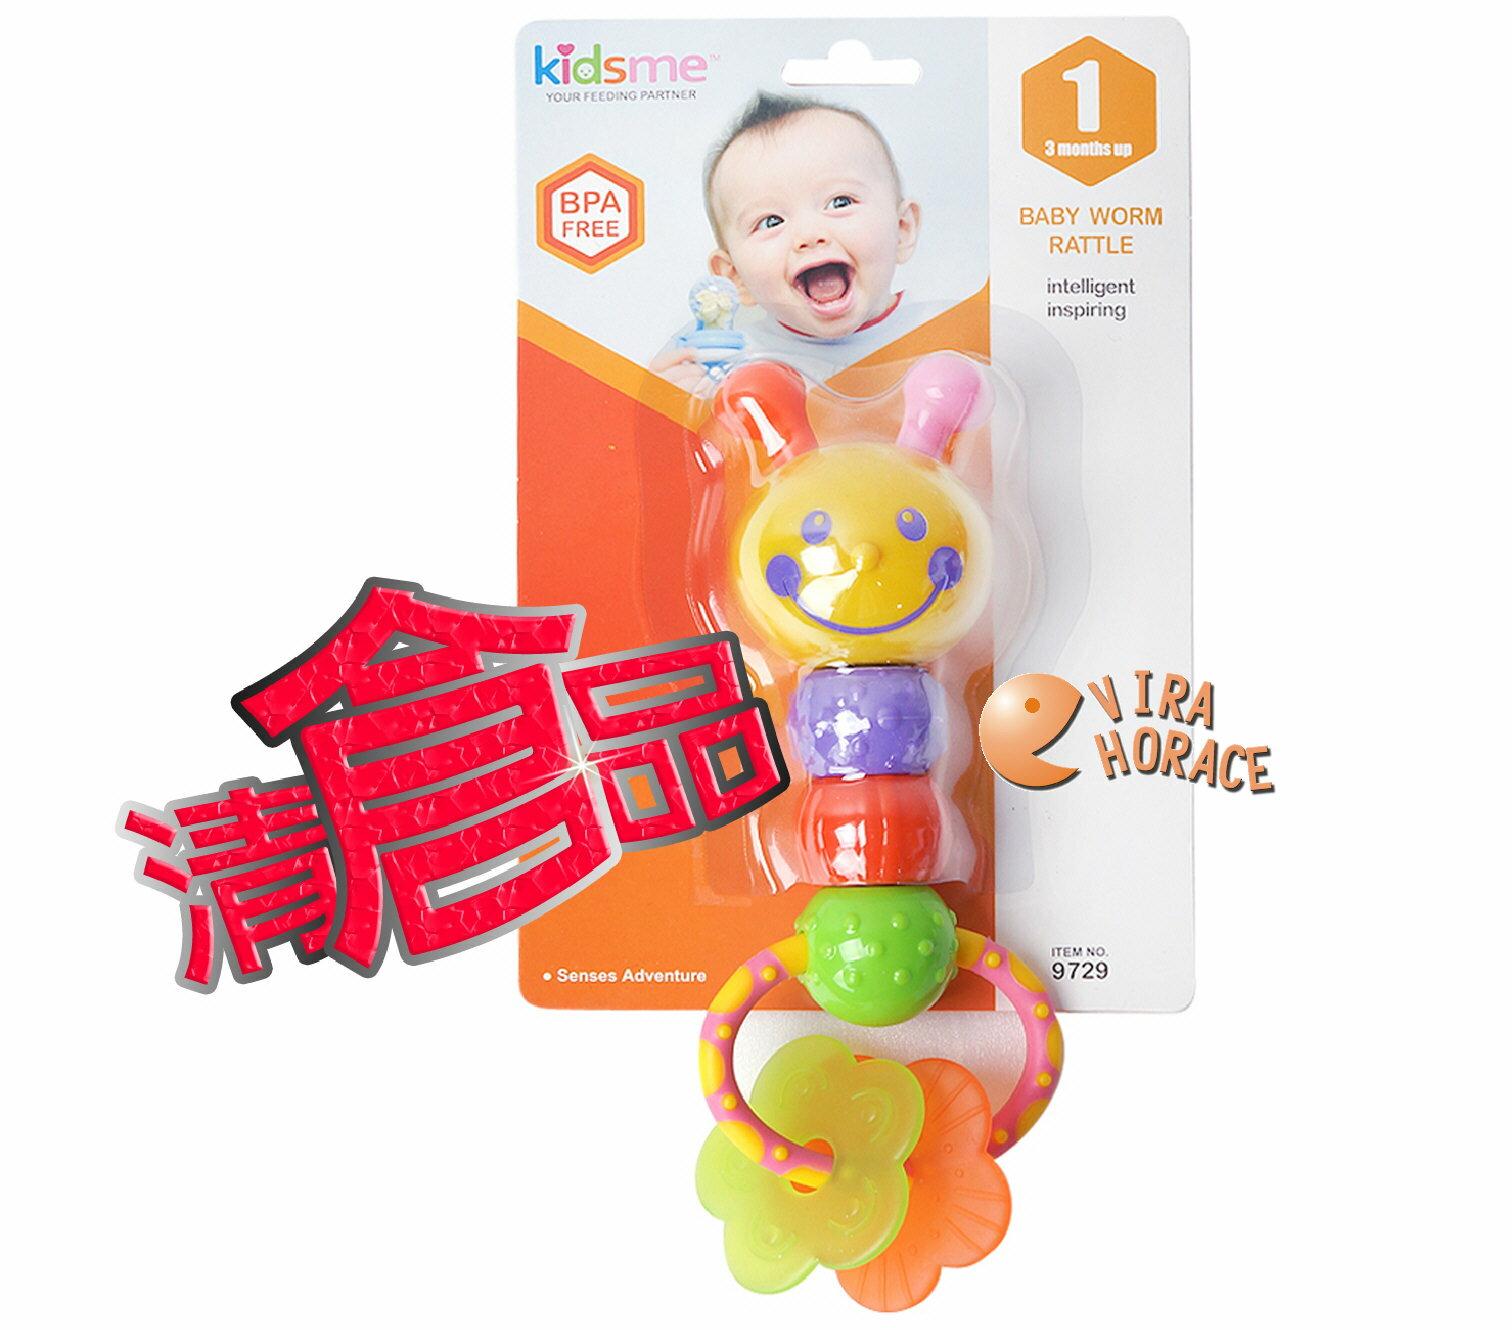 清倉品,下殺 ↘ 3折 ~ Kidsme 9729 毛毛蟲手搖鈴 ~ 造型可愛、顏色鮮艷,吸引寶寶目光